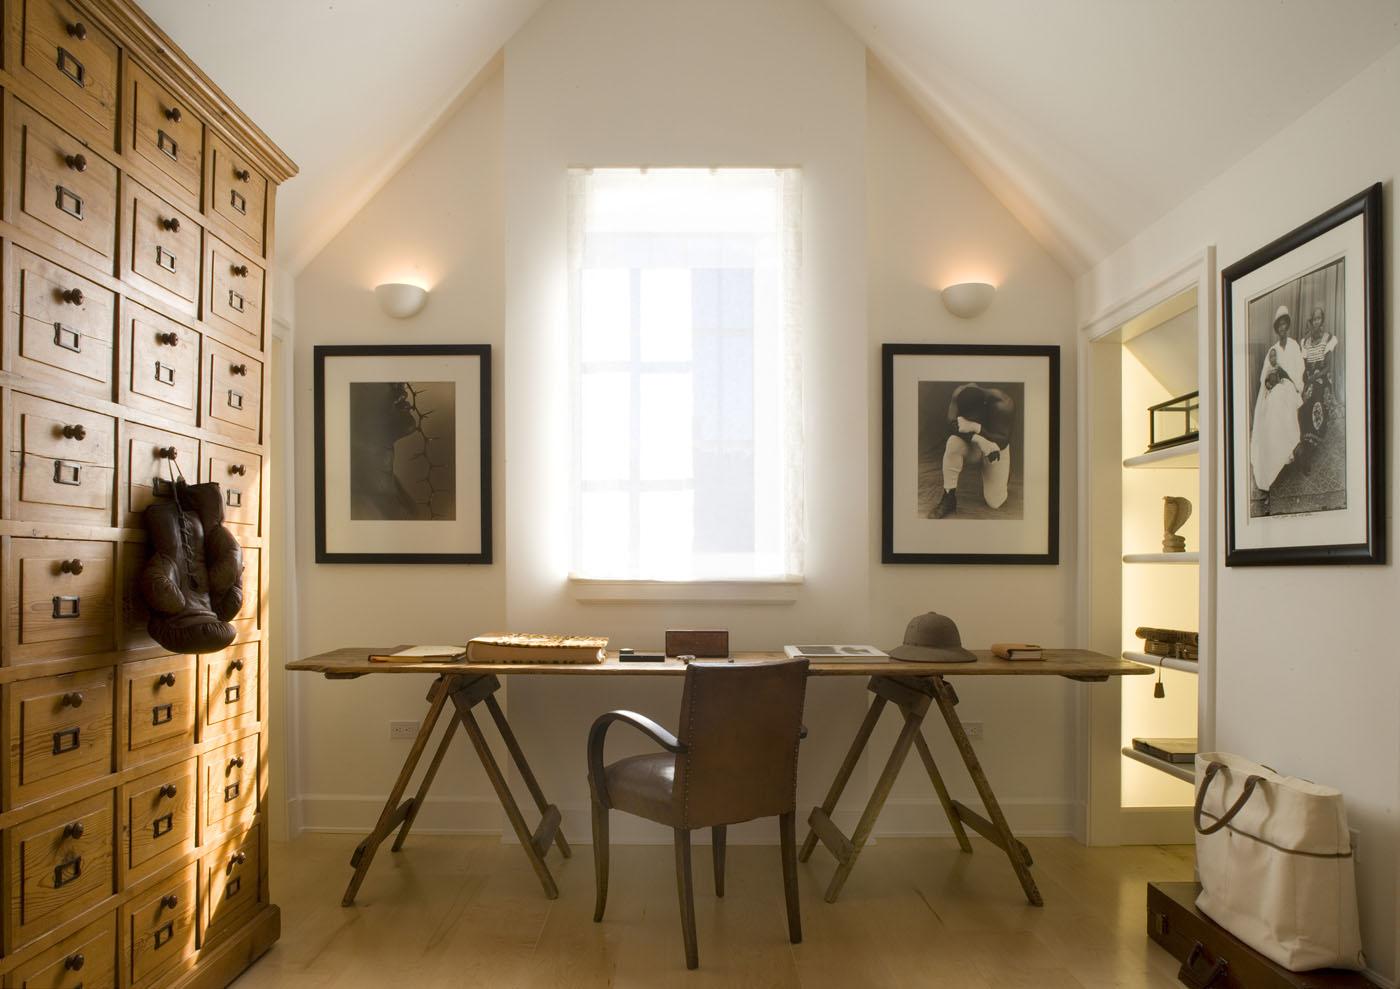 HYPOLUXO ISLAND,FL Client: Daily U0026 Janssen Architects